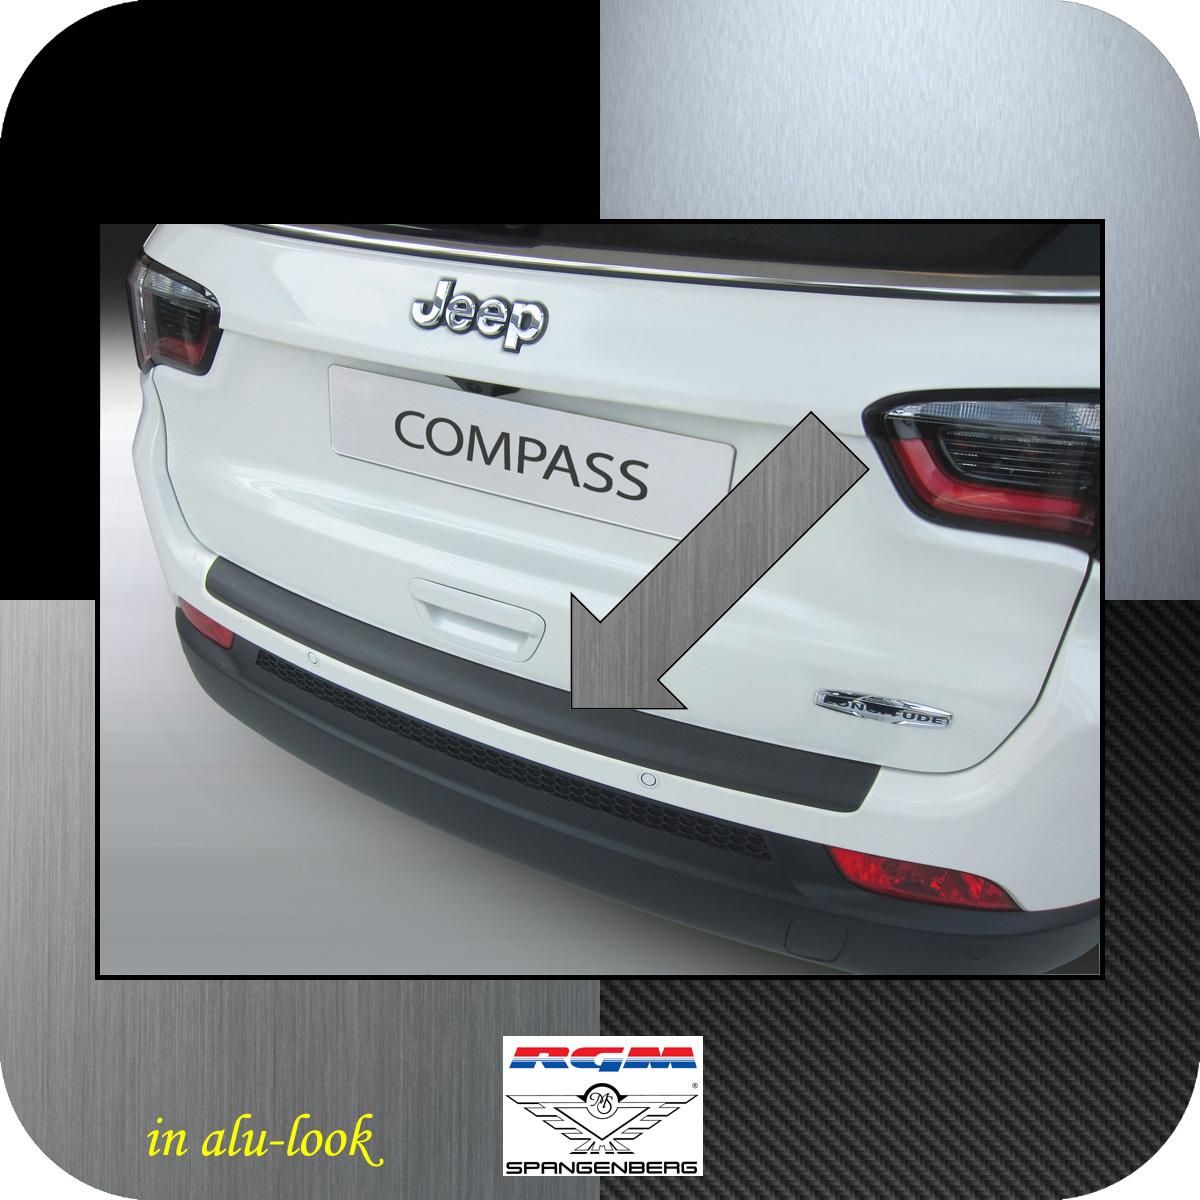 Ladekantenschutz Alu-Look Jeep Compass SUV Typ MX 2. Gen. ab 12.2016- 3504797